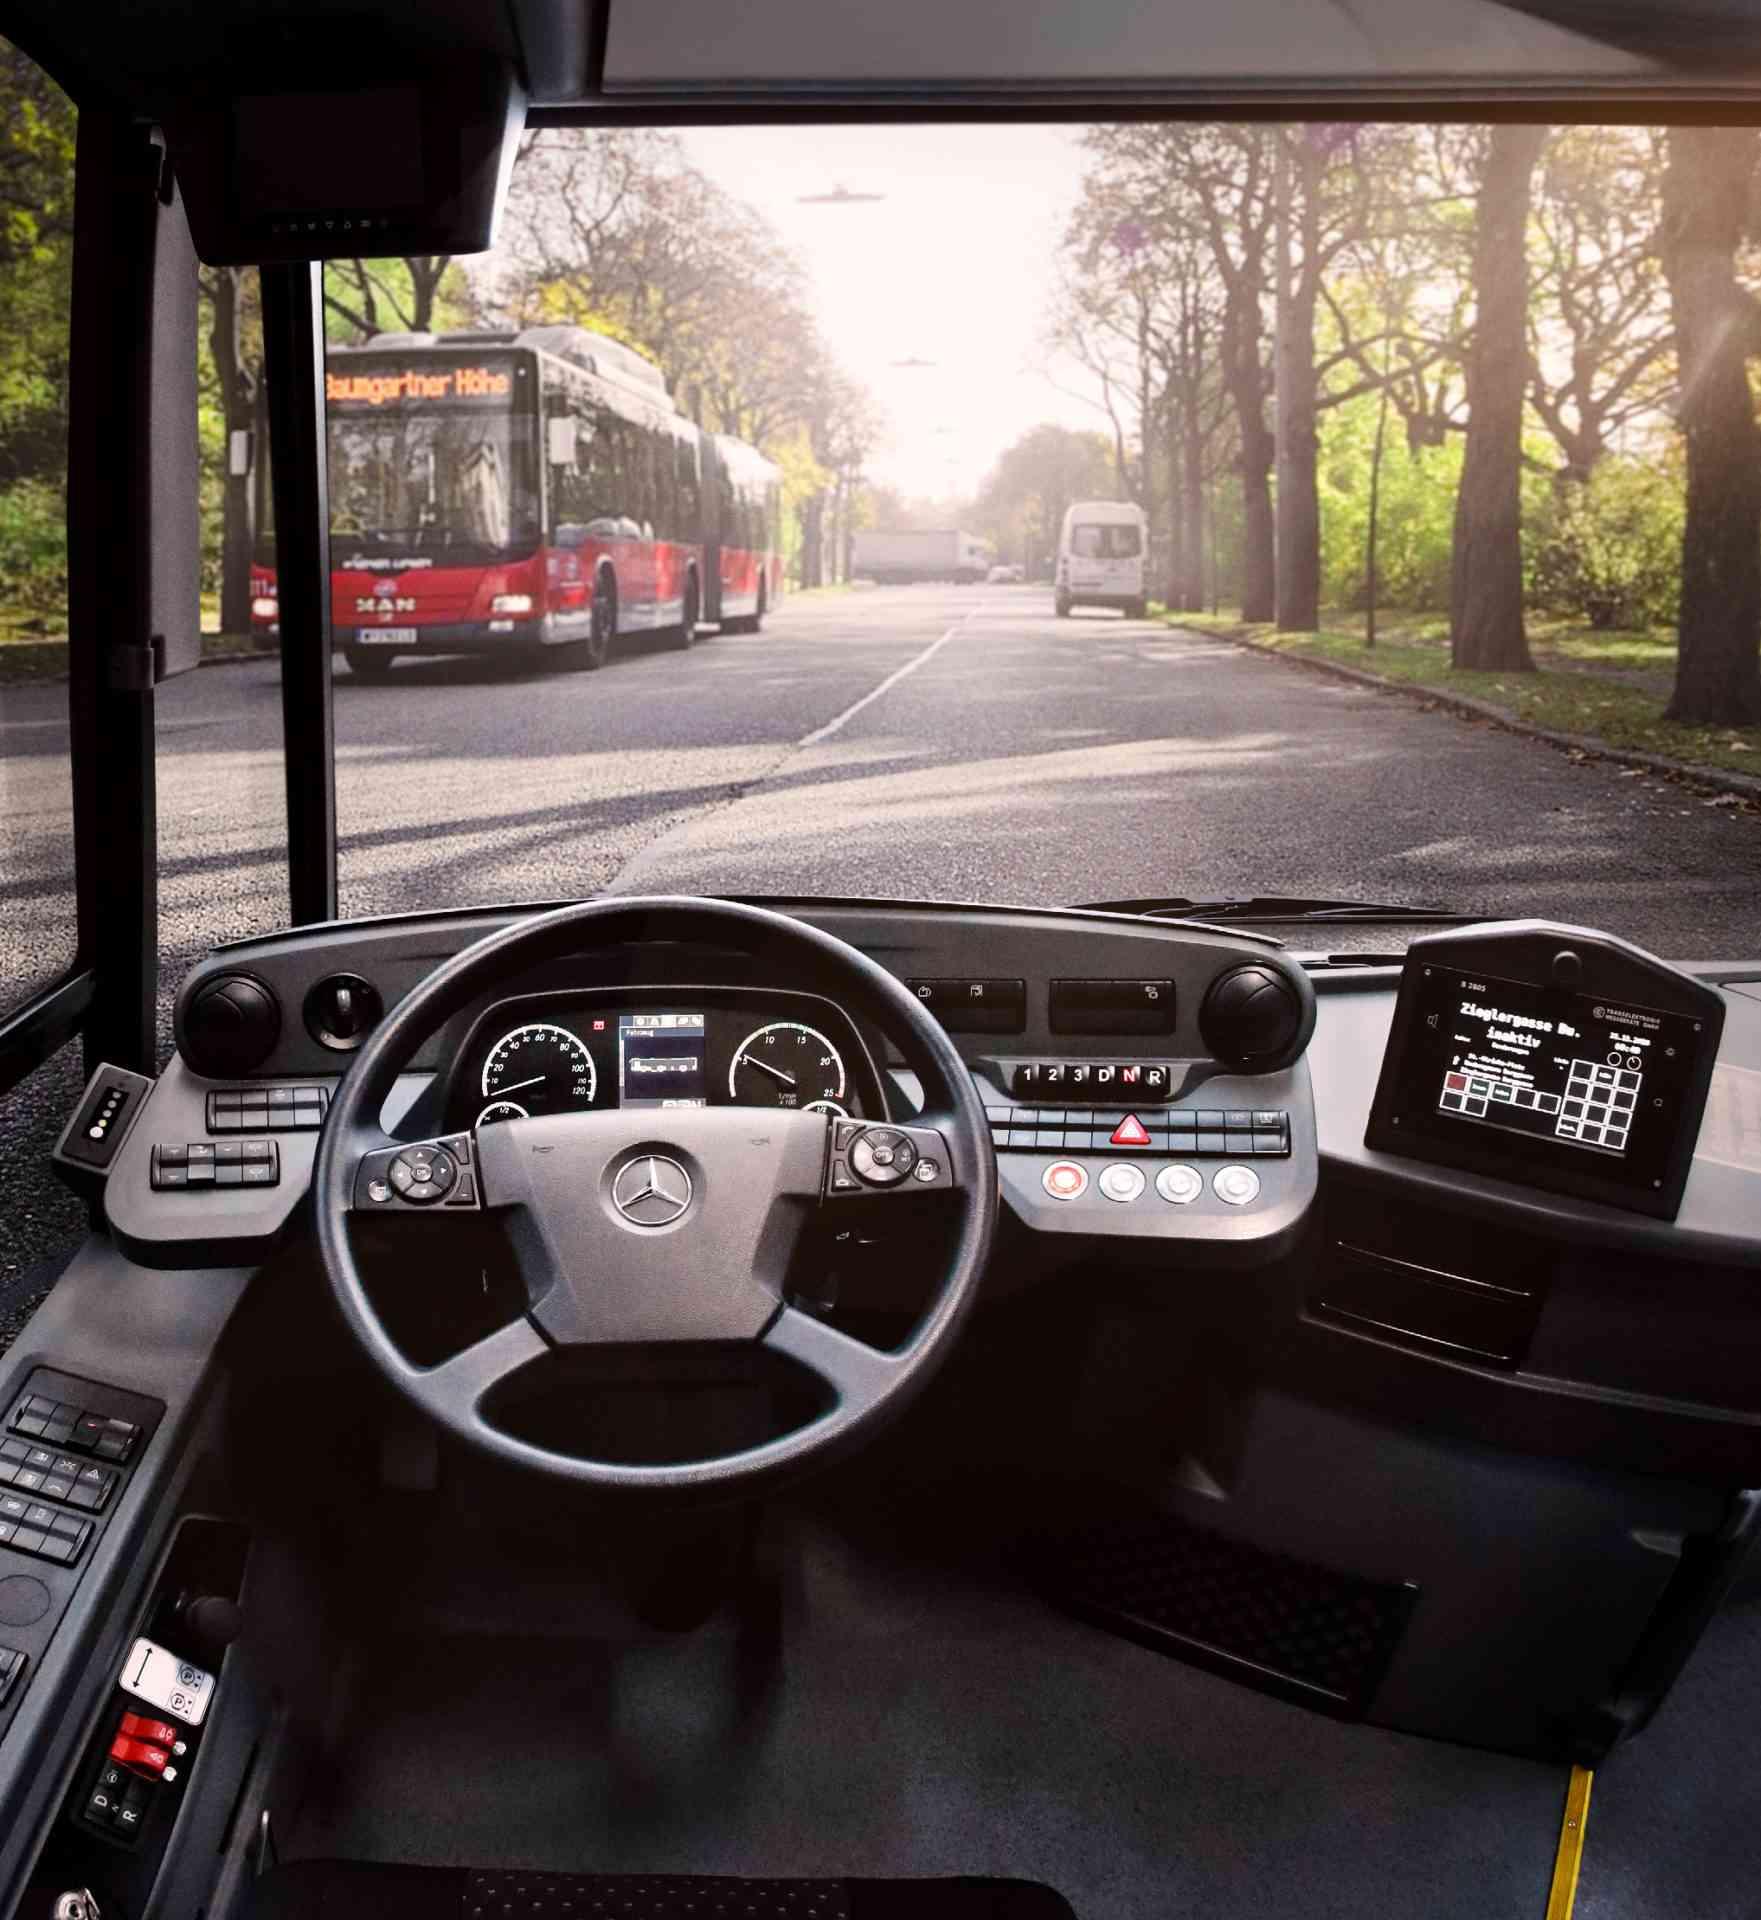 Die Fahrerkabine: Der Arbeitsplatz unserer BuslenkerInnen, von dem aus sie alles im Blick haben und für die Fahrgäste da sind.